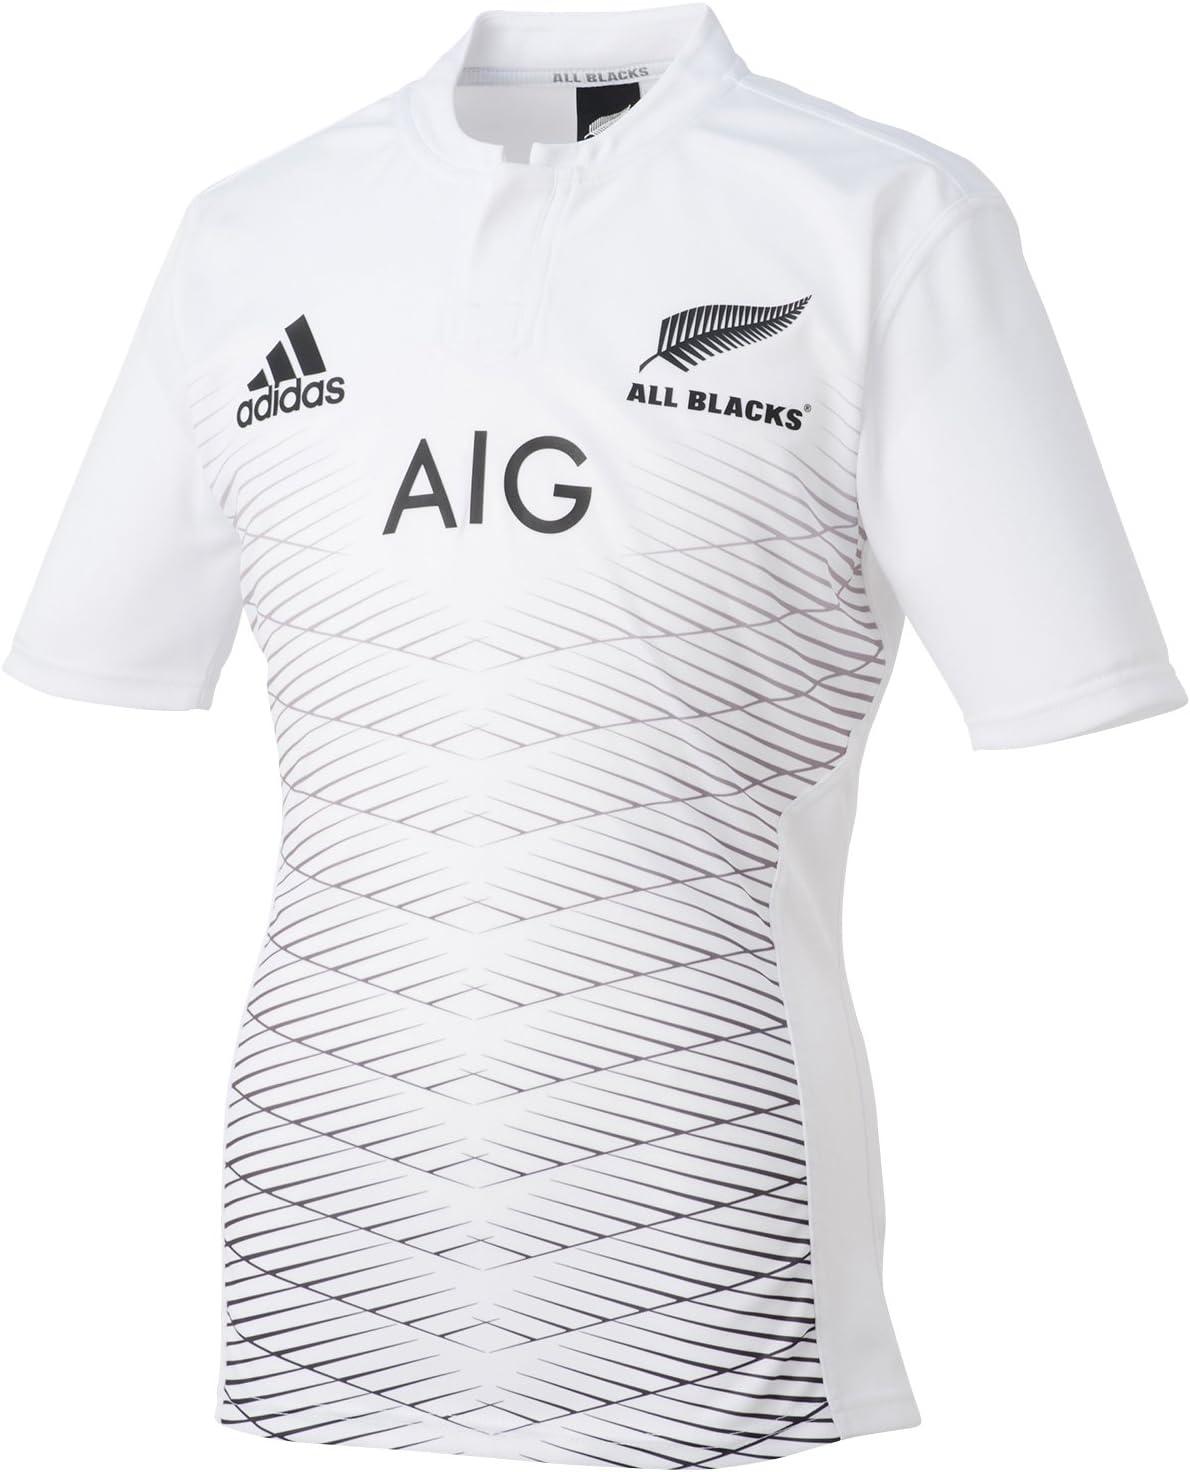 adidas Réplique du Maillot des All Blacks pour Hommes 3XL White